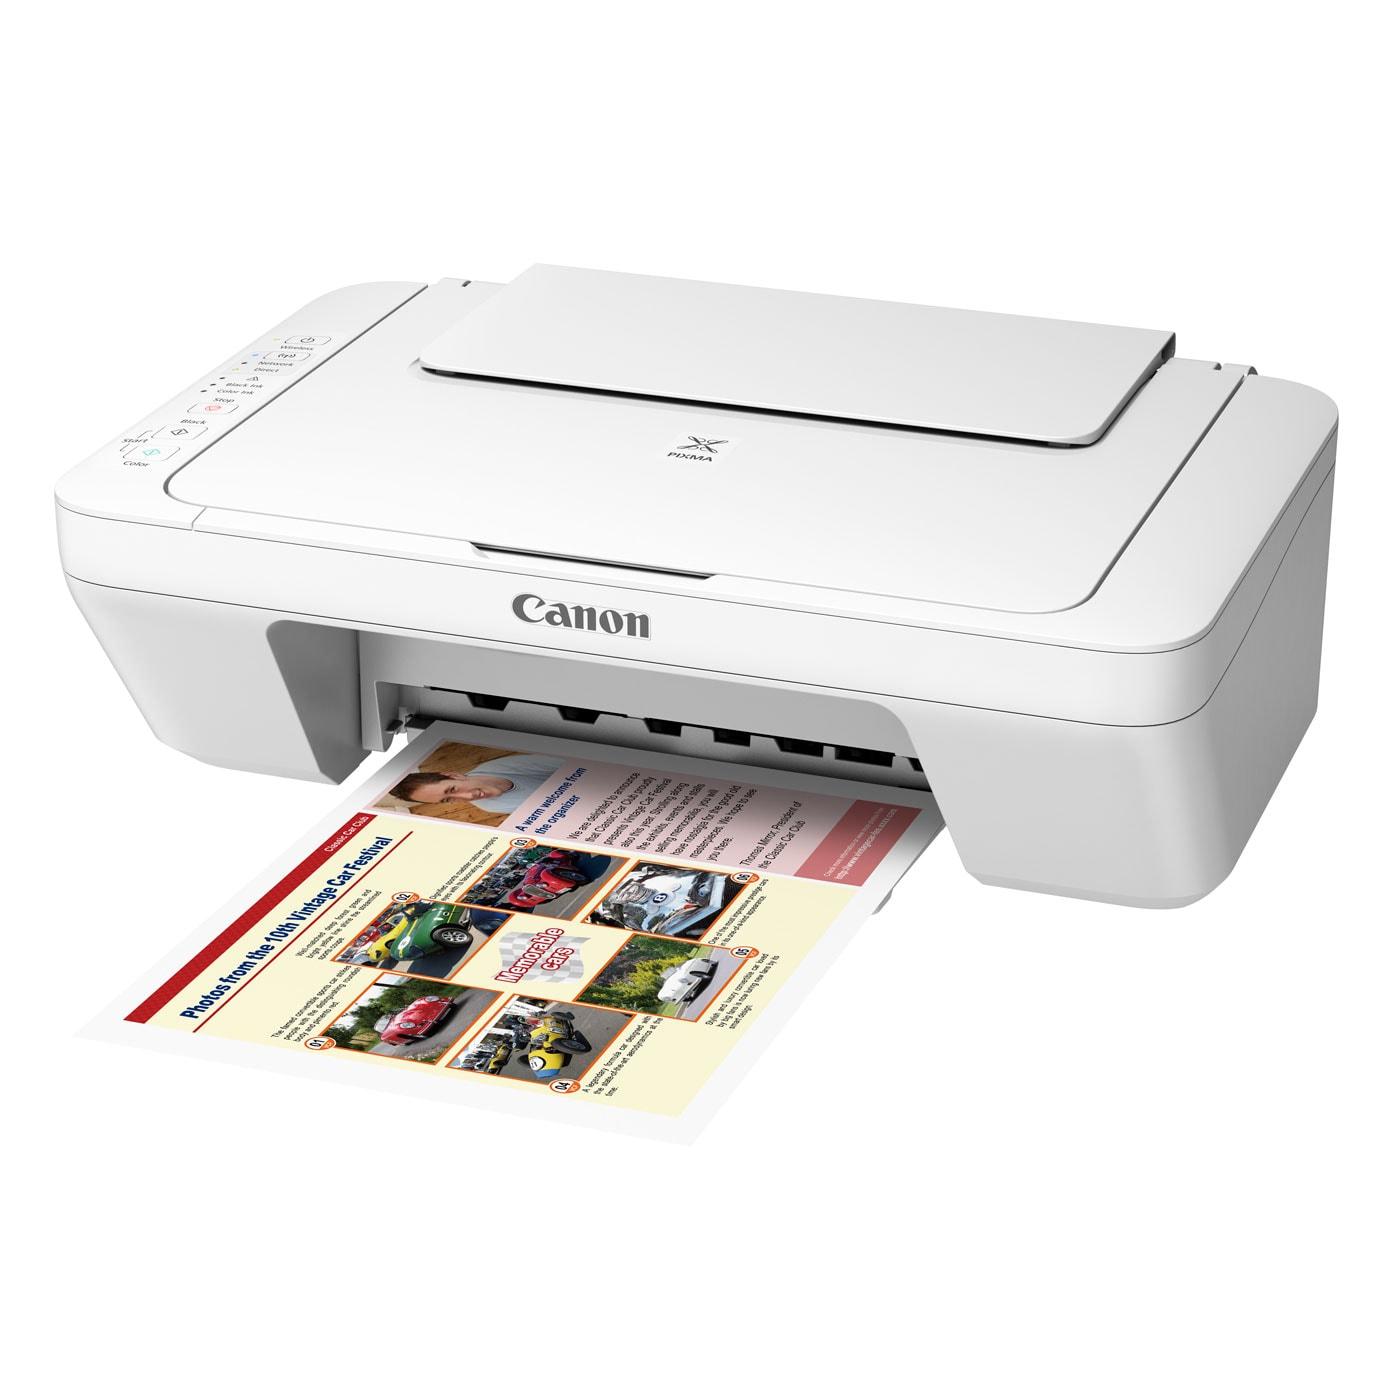 Imprimante multifonction Canon PIXMA MG3051 Blanche - Cybertek.fr - 3